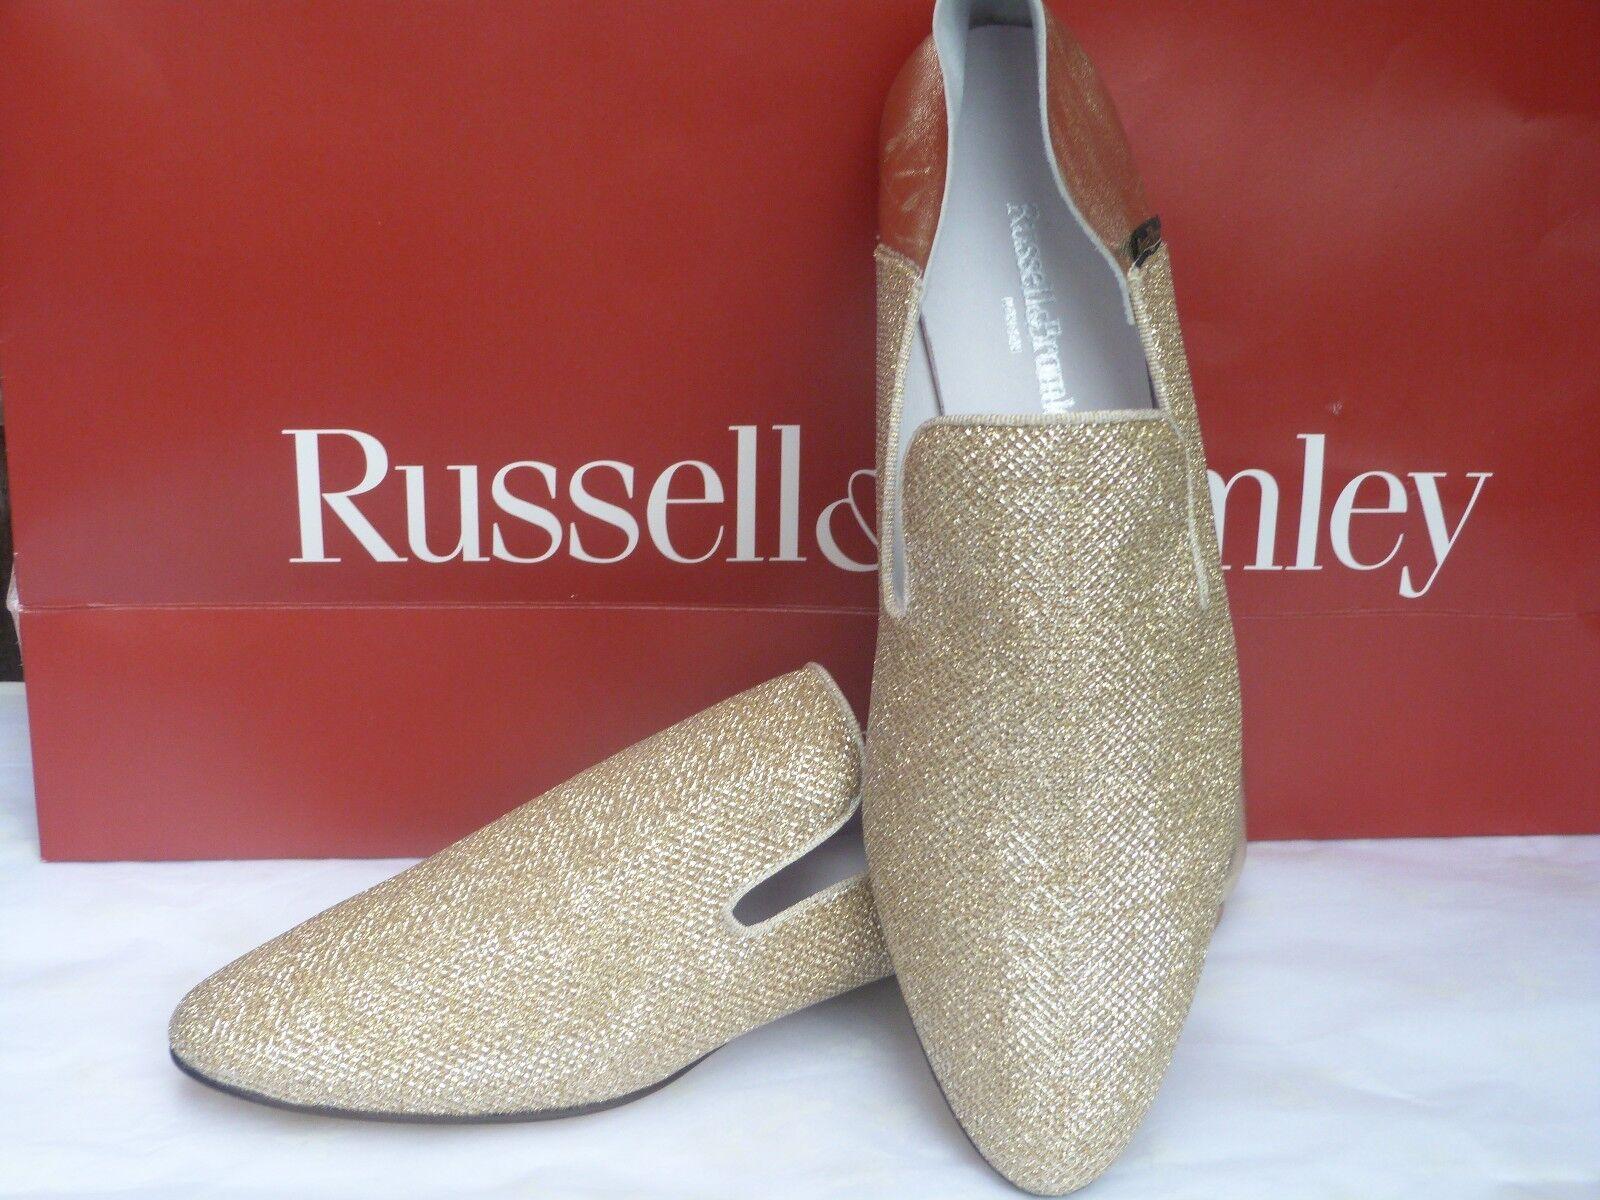 Descuento de liquidación RussellBromley women's shoes/ballerinas size 8/41/gold/sko/sapatos/wedding/γάμος